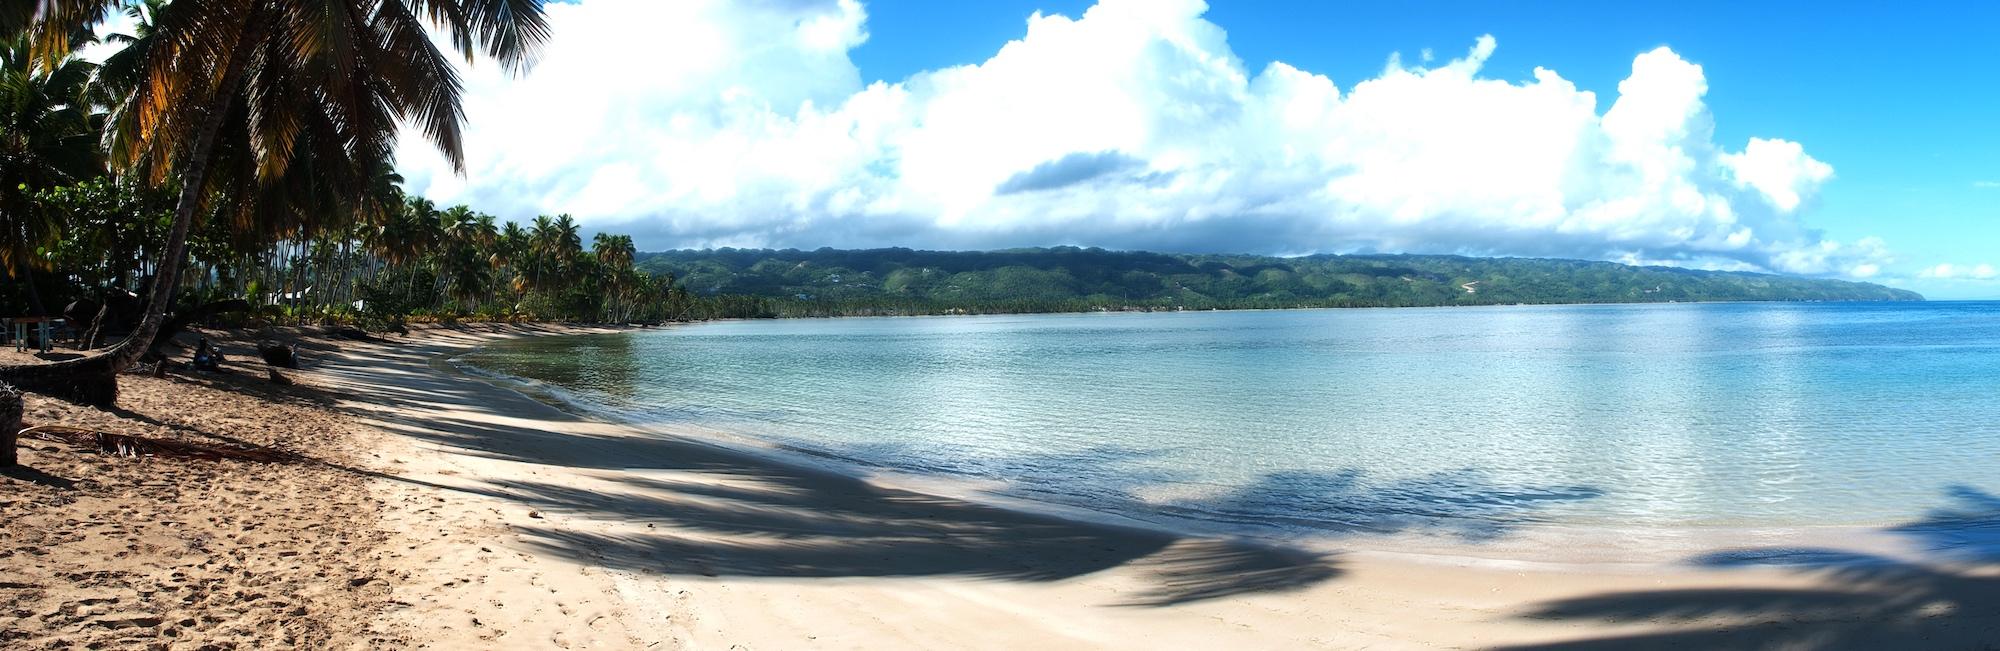 République dominicaine - plages